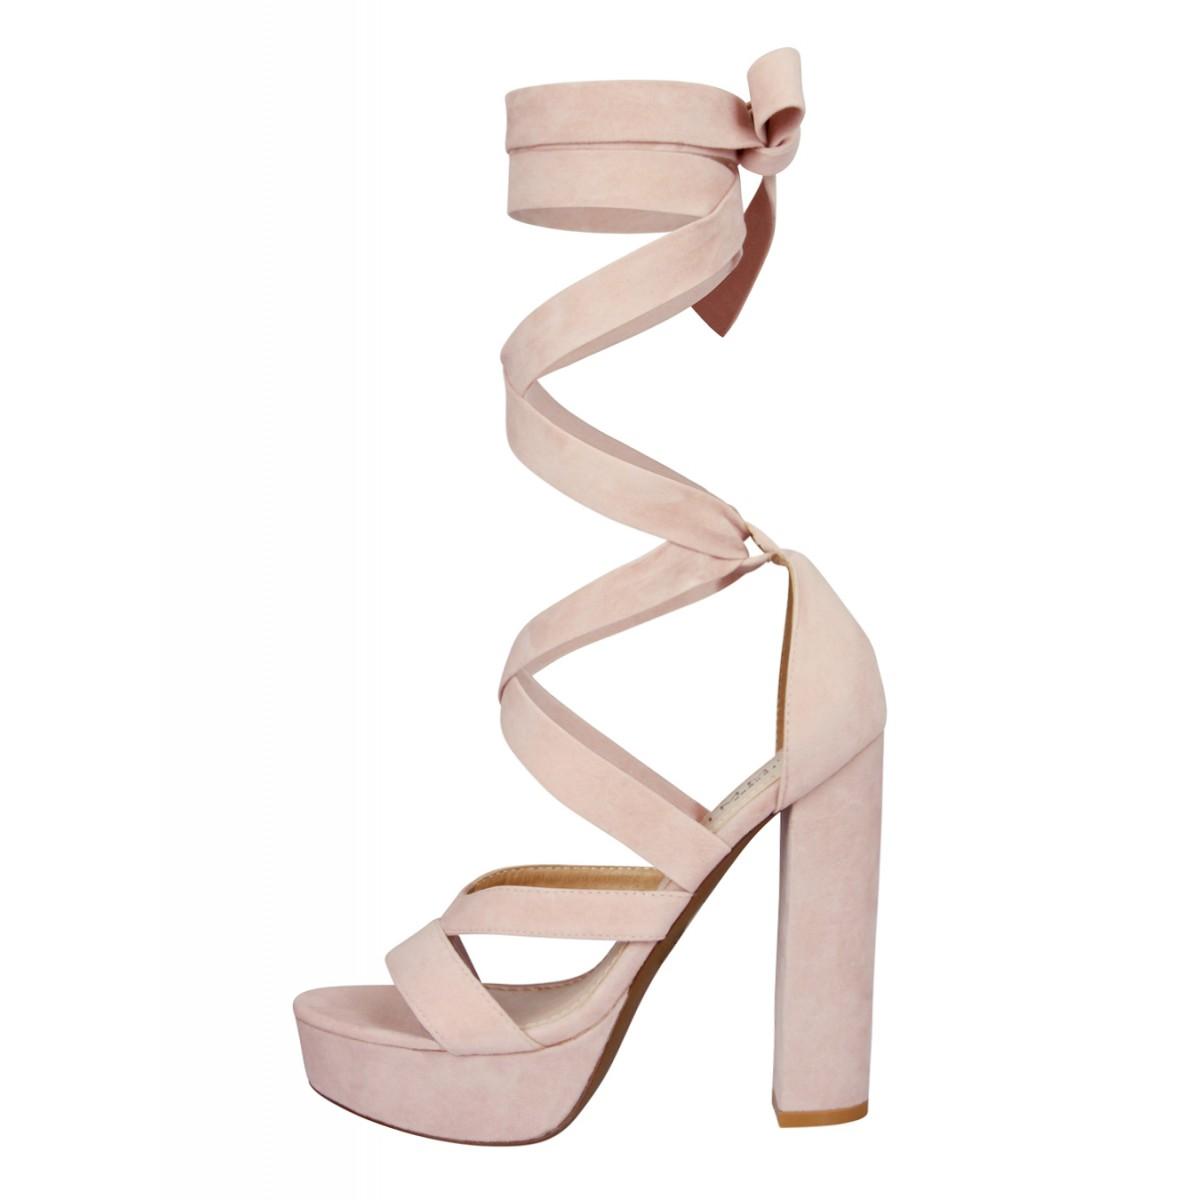 443d57858c96 Amelia Nude Suede Lace Up Platform Heels   Simmi Shoes